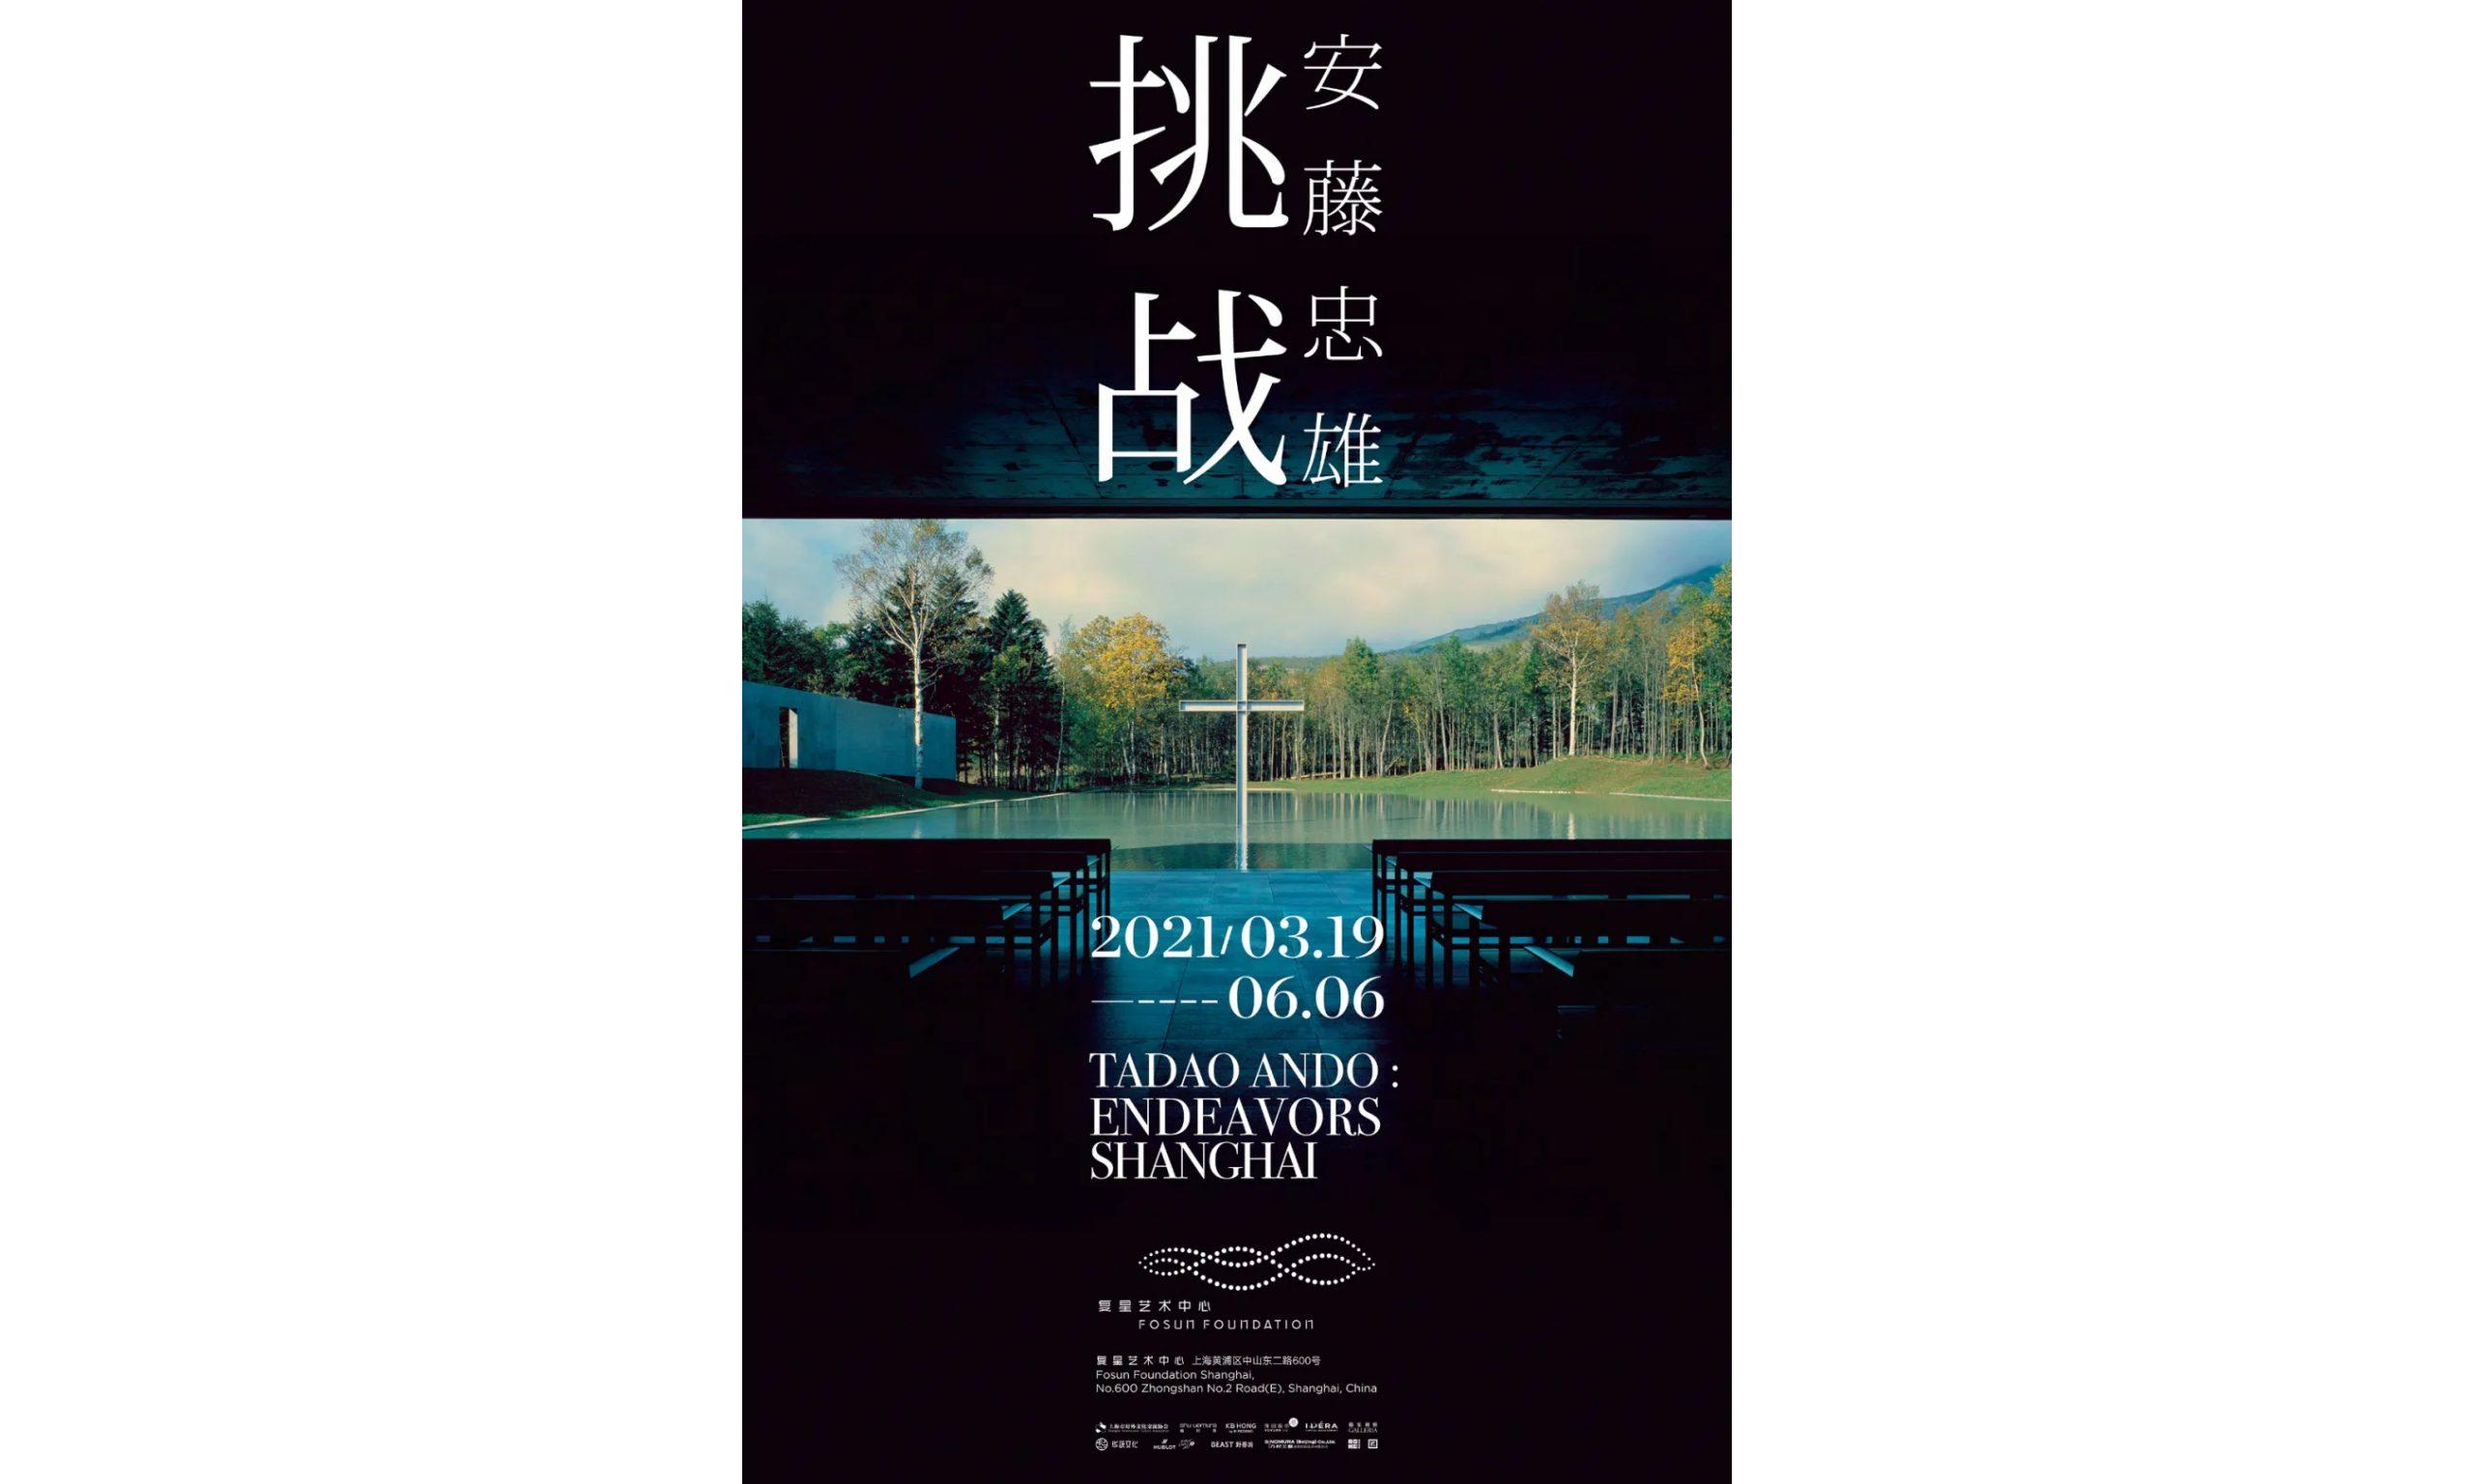 世界建筑大师安藤忠雄个展即将登陆上海复星艺术中心